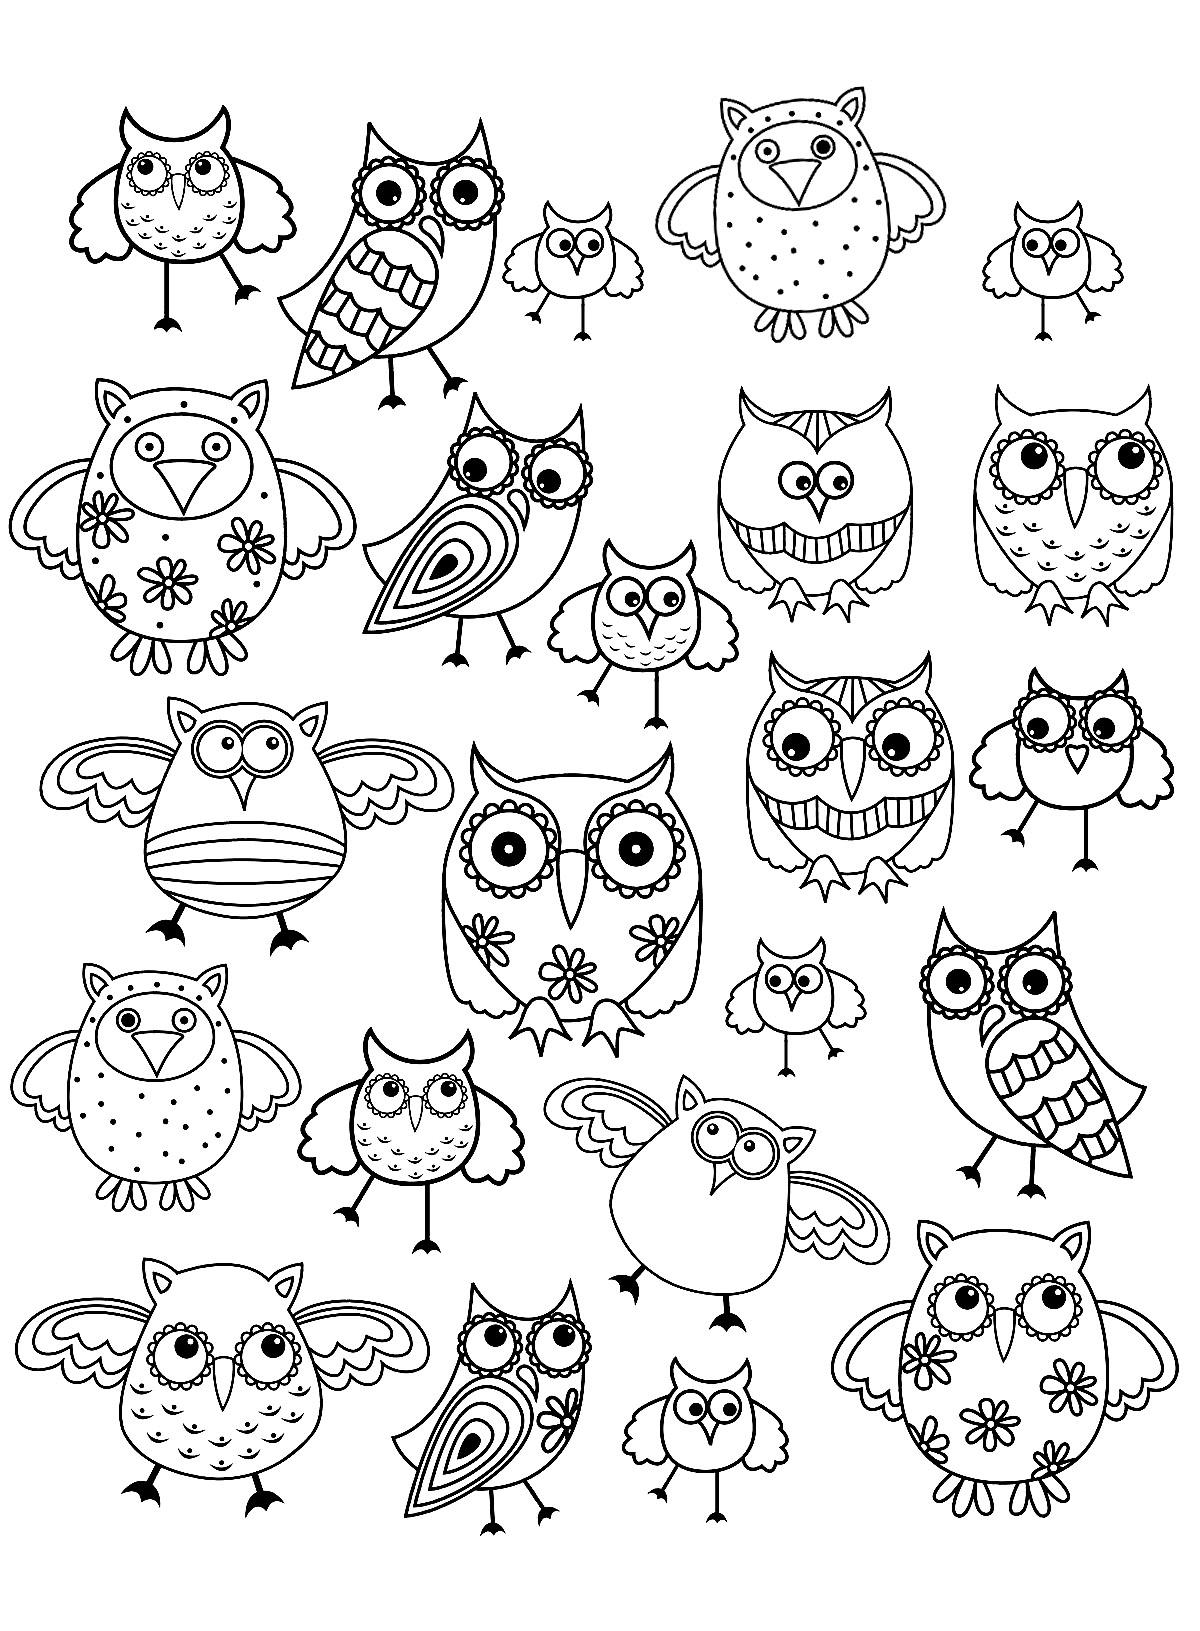 Colorear para adultos : Doodle art / Doodling - 48